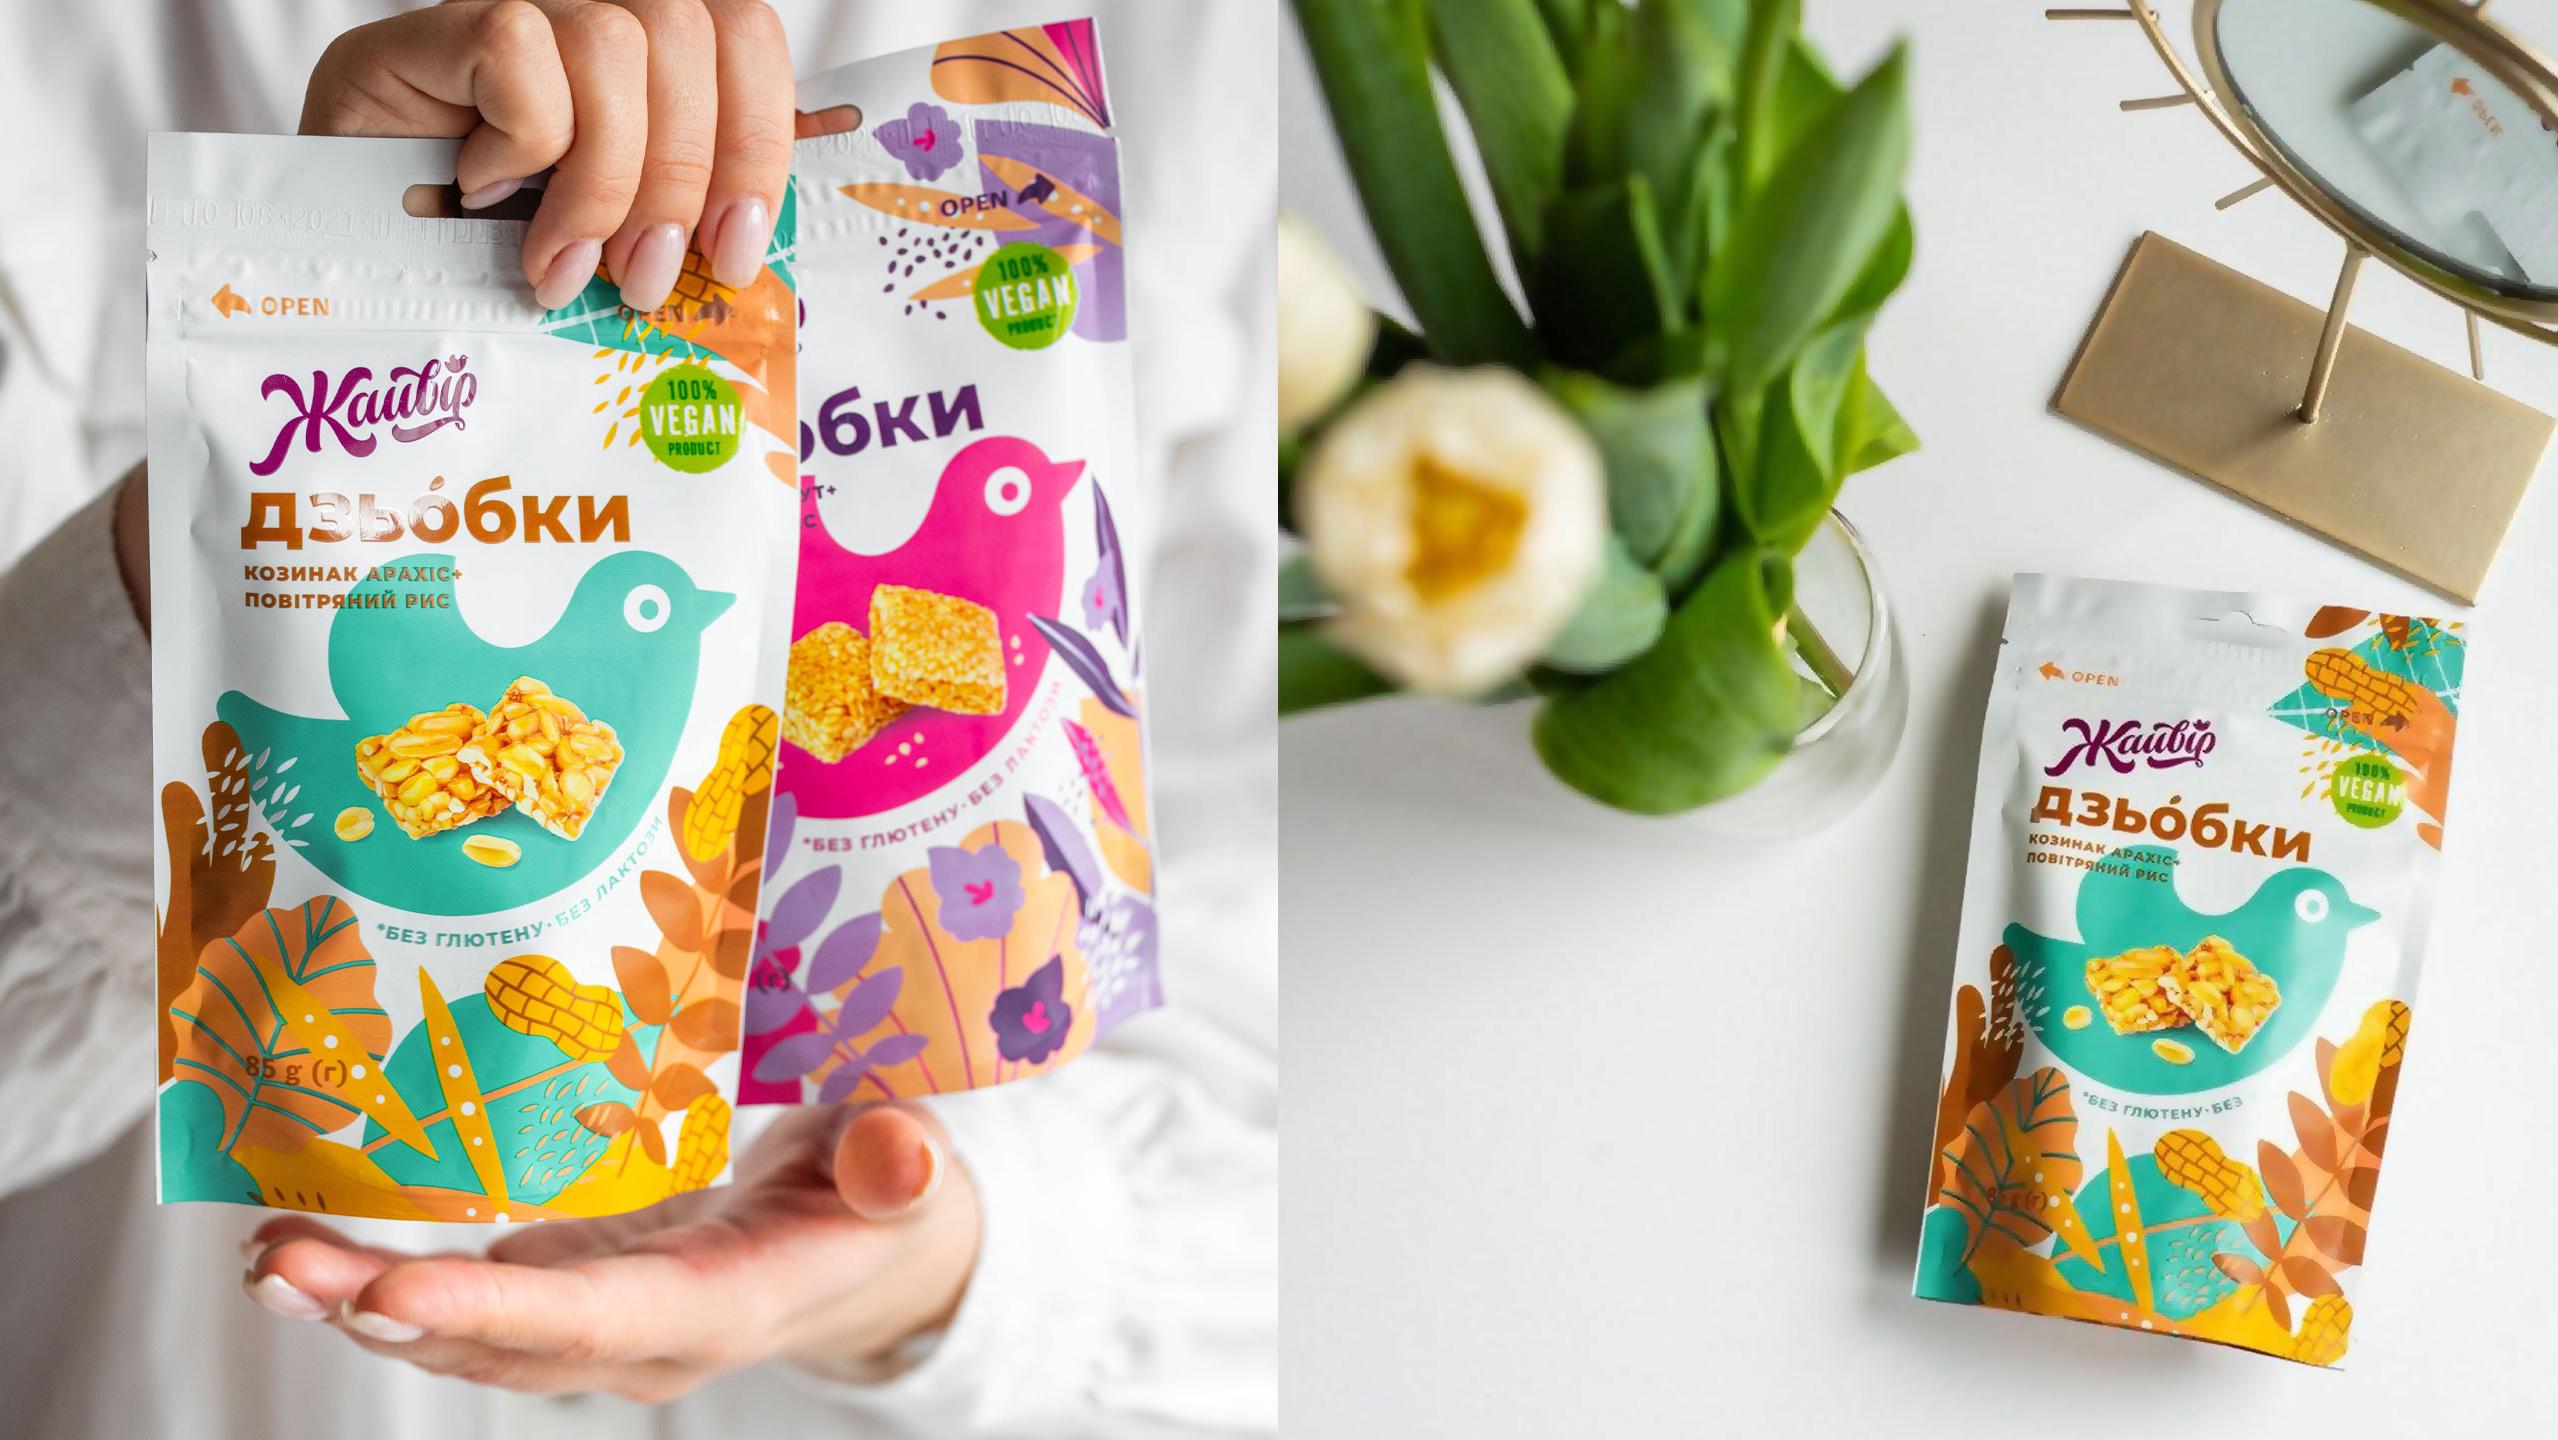 Dziobky Three Distinct Flavoured Snack Packaging Design Created by Dozen Agency